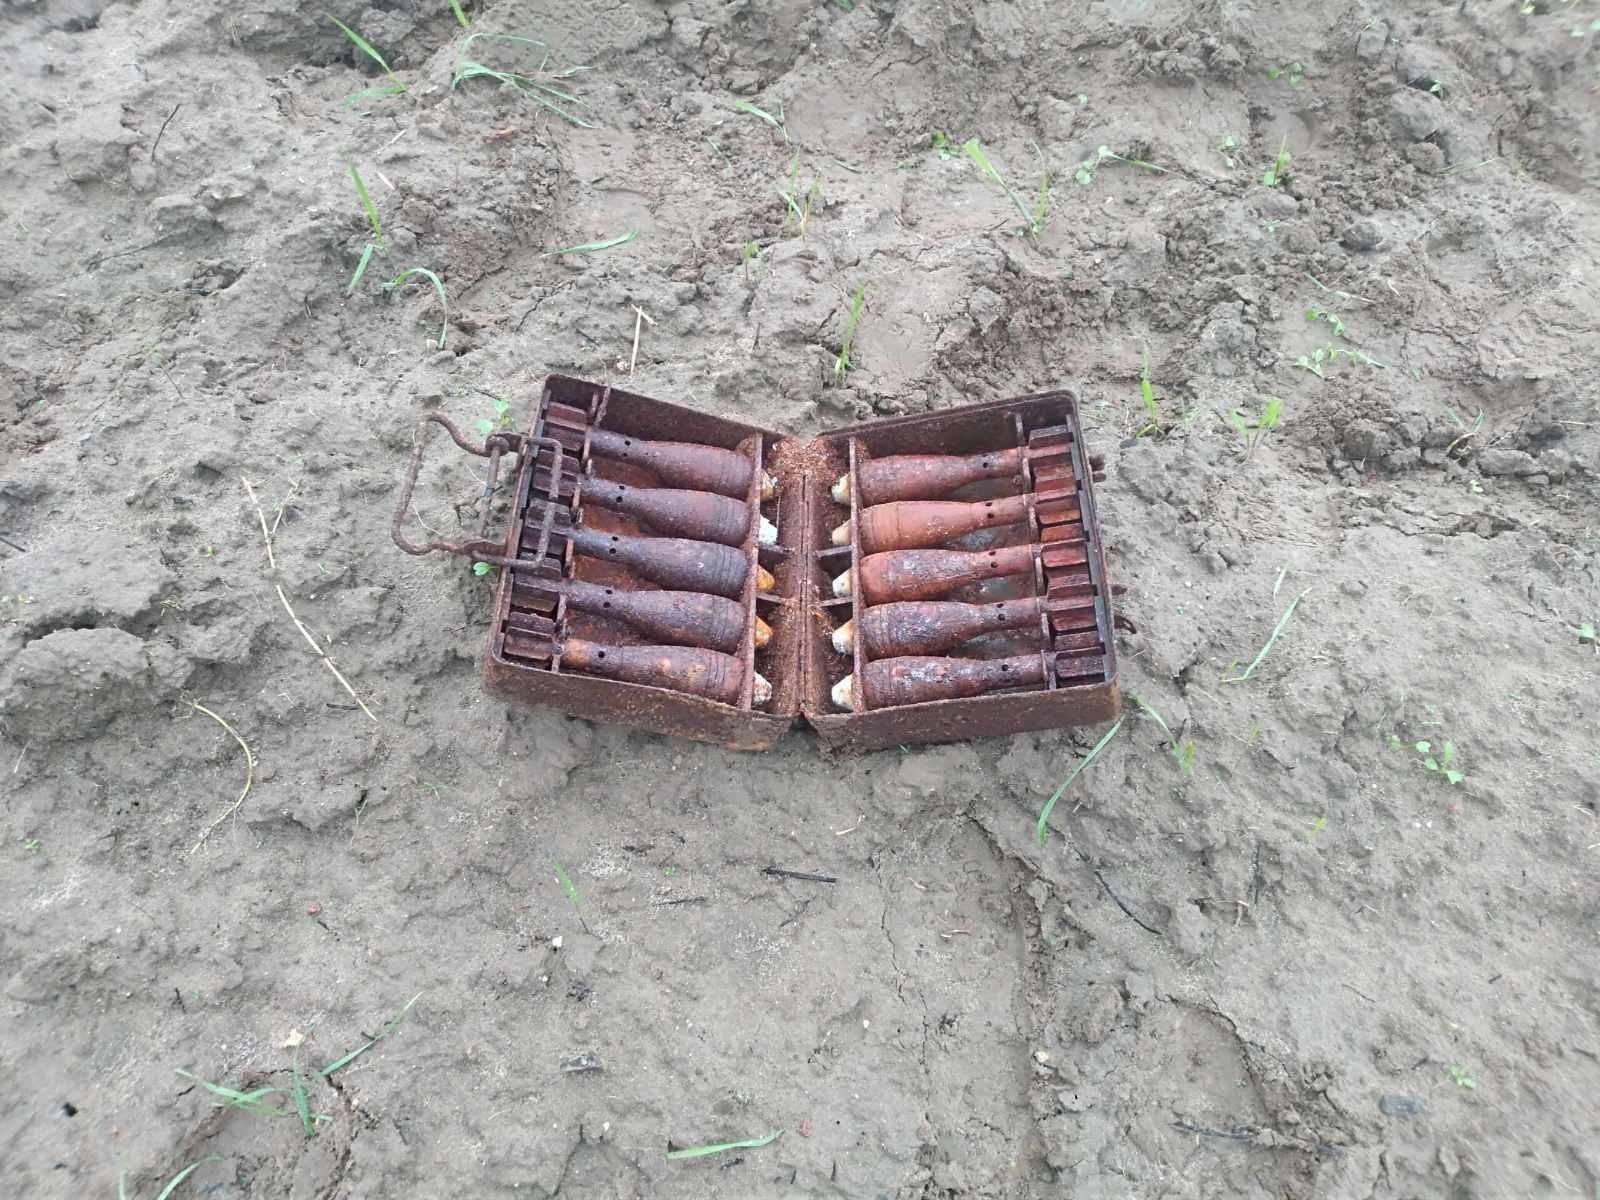 На Волині за тиждень виявили понад десяток старих боєприпасів